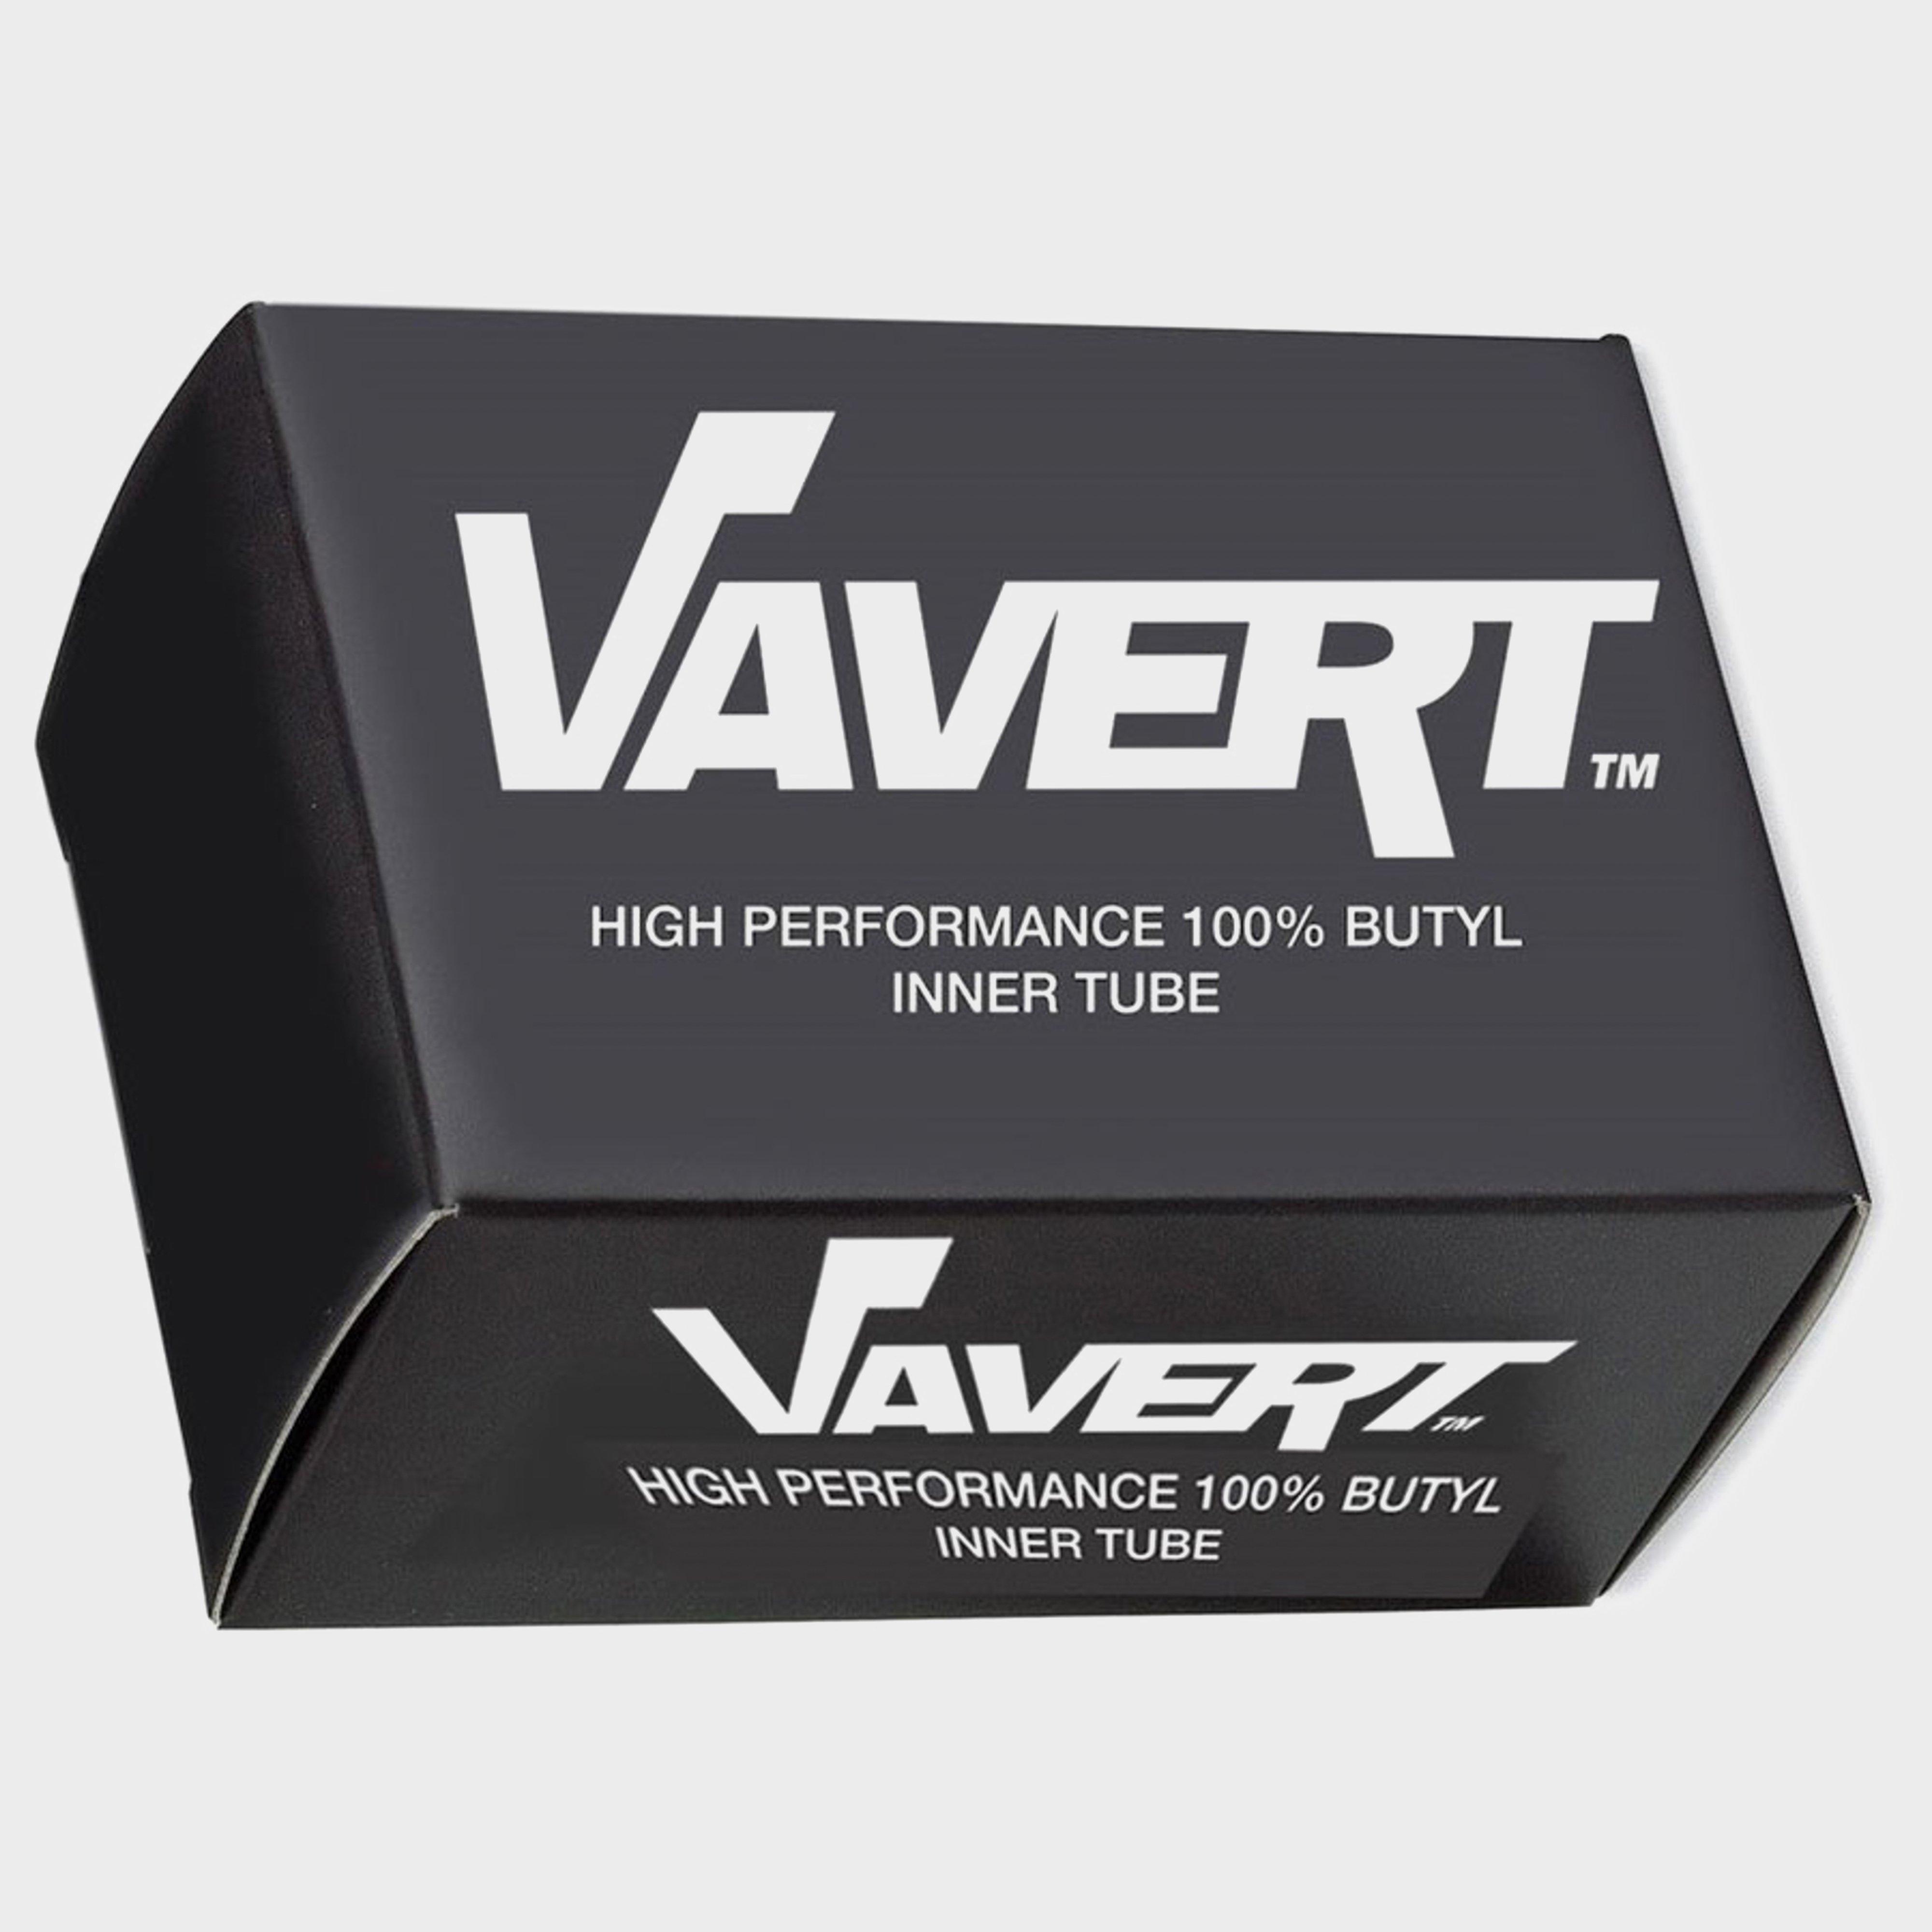 Vavert 18 X 1.75 X 1.95 - Black/schrader  Black/schrader